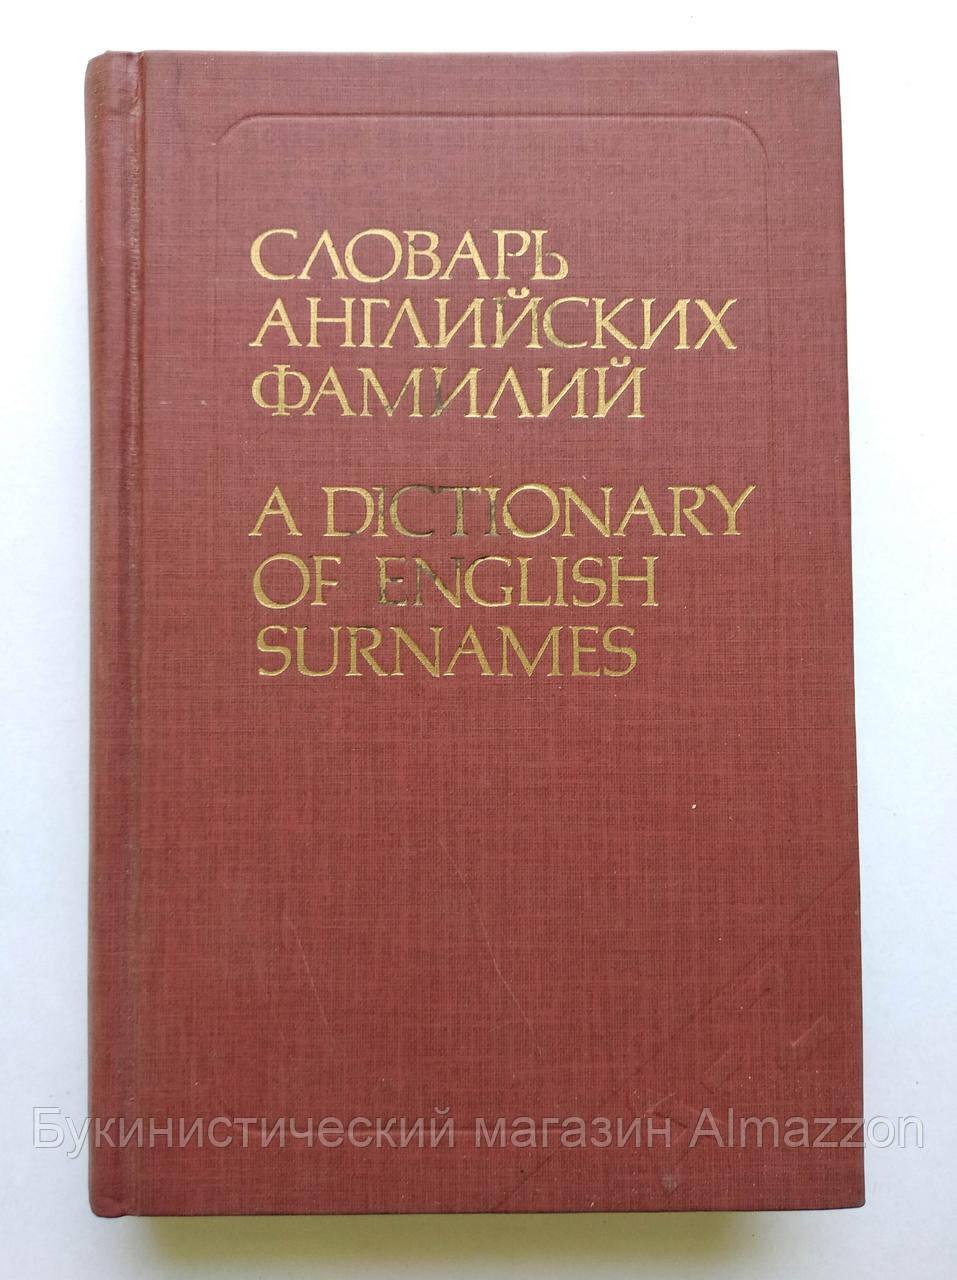 Словарь английских фамилий. А.Рыбакин. Около 22700 фамилий, фото 1